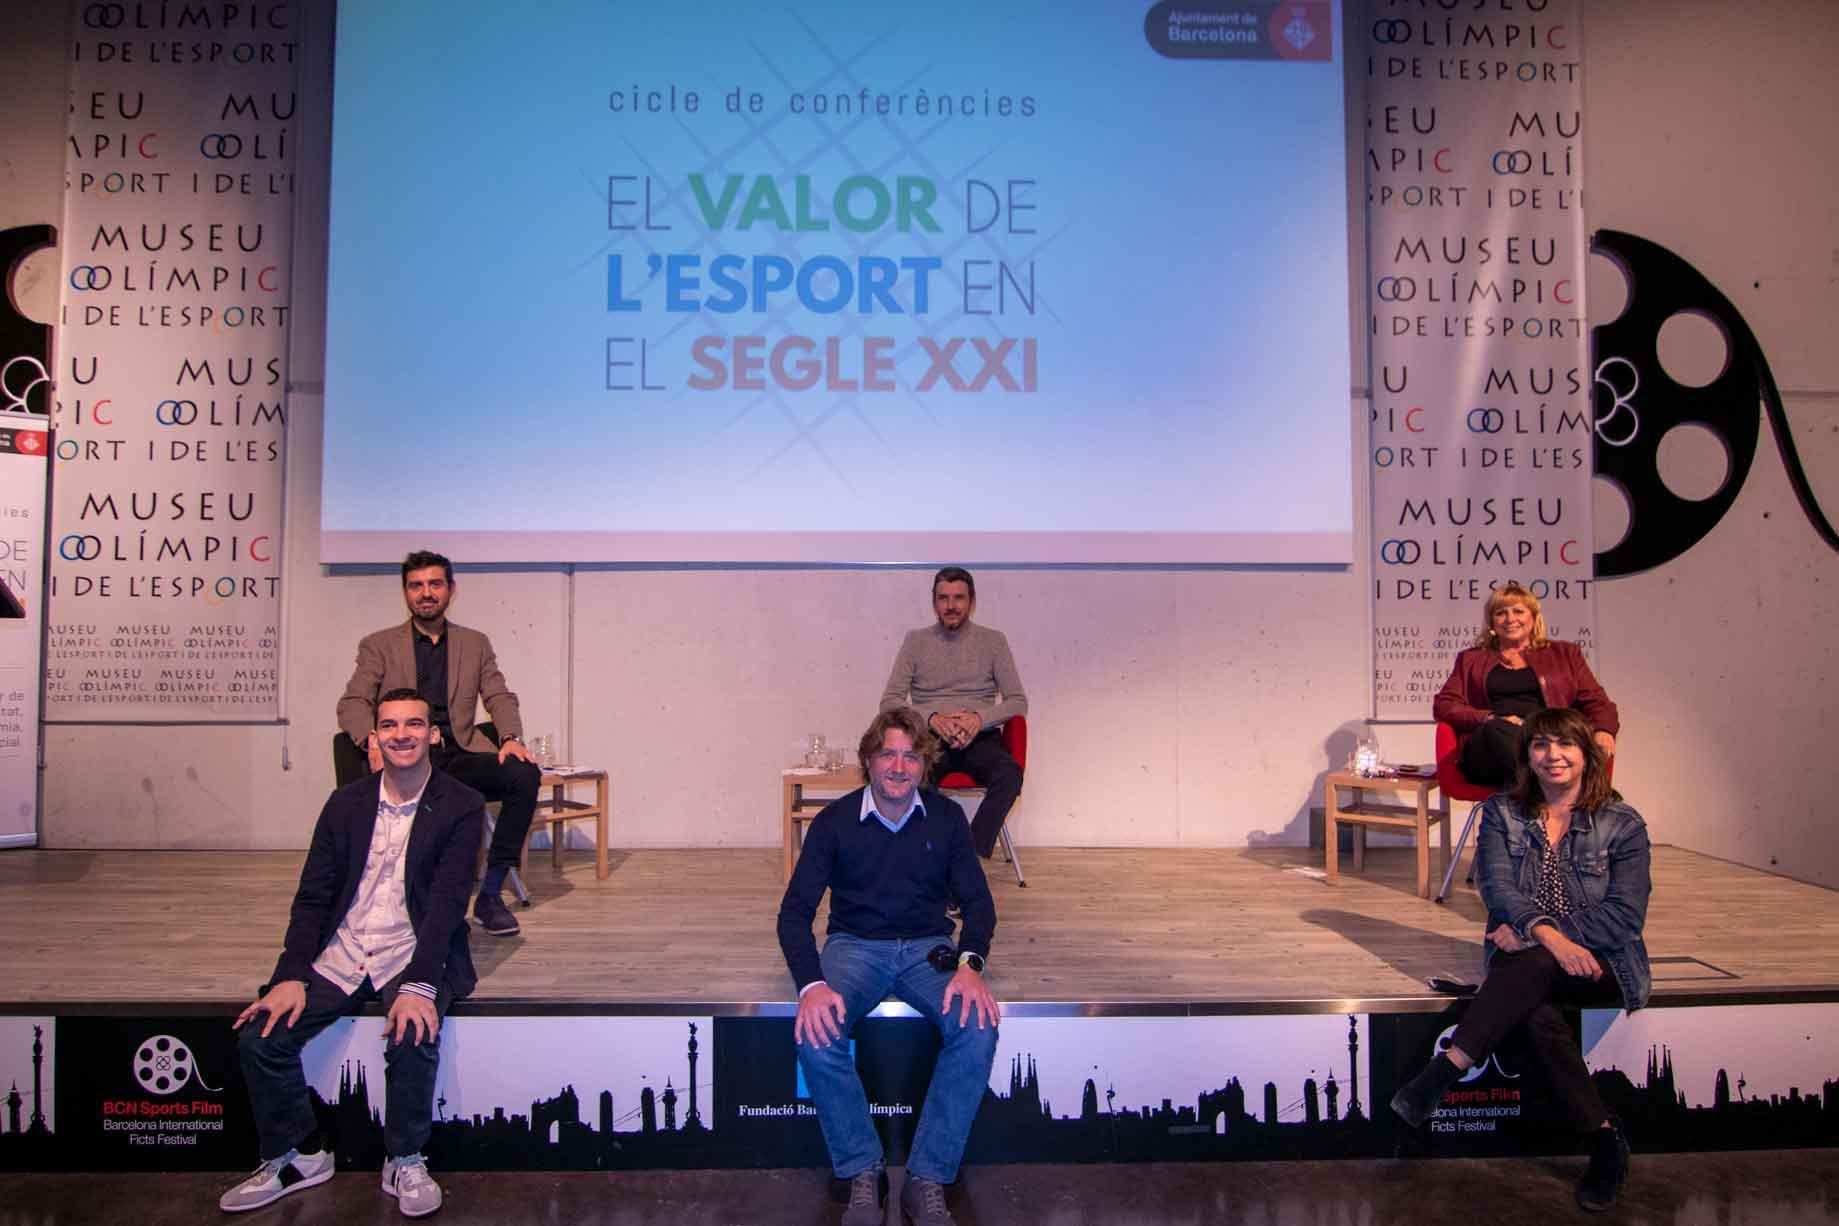 Jordi Fandiño, Juan Carlos Unzue, Montserrat Ferrero, Marc Fuentes, David Escudé i Mireia Vicente